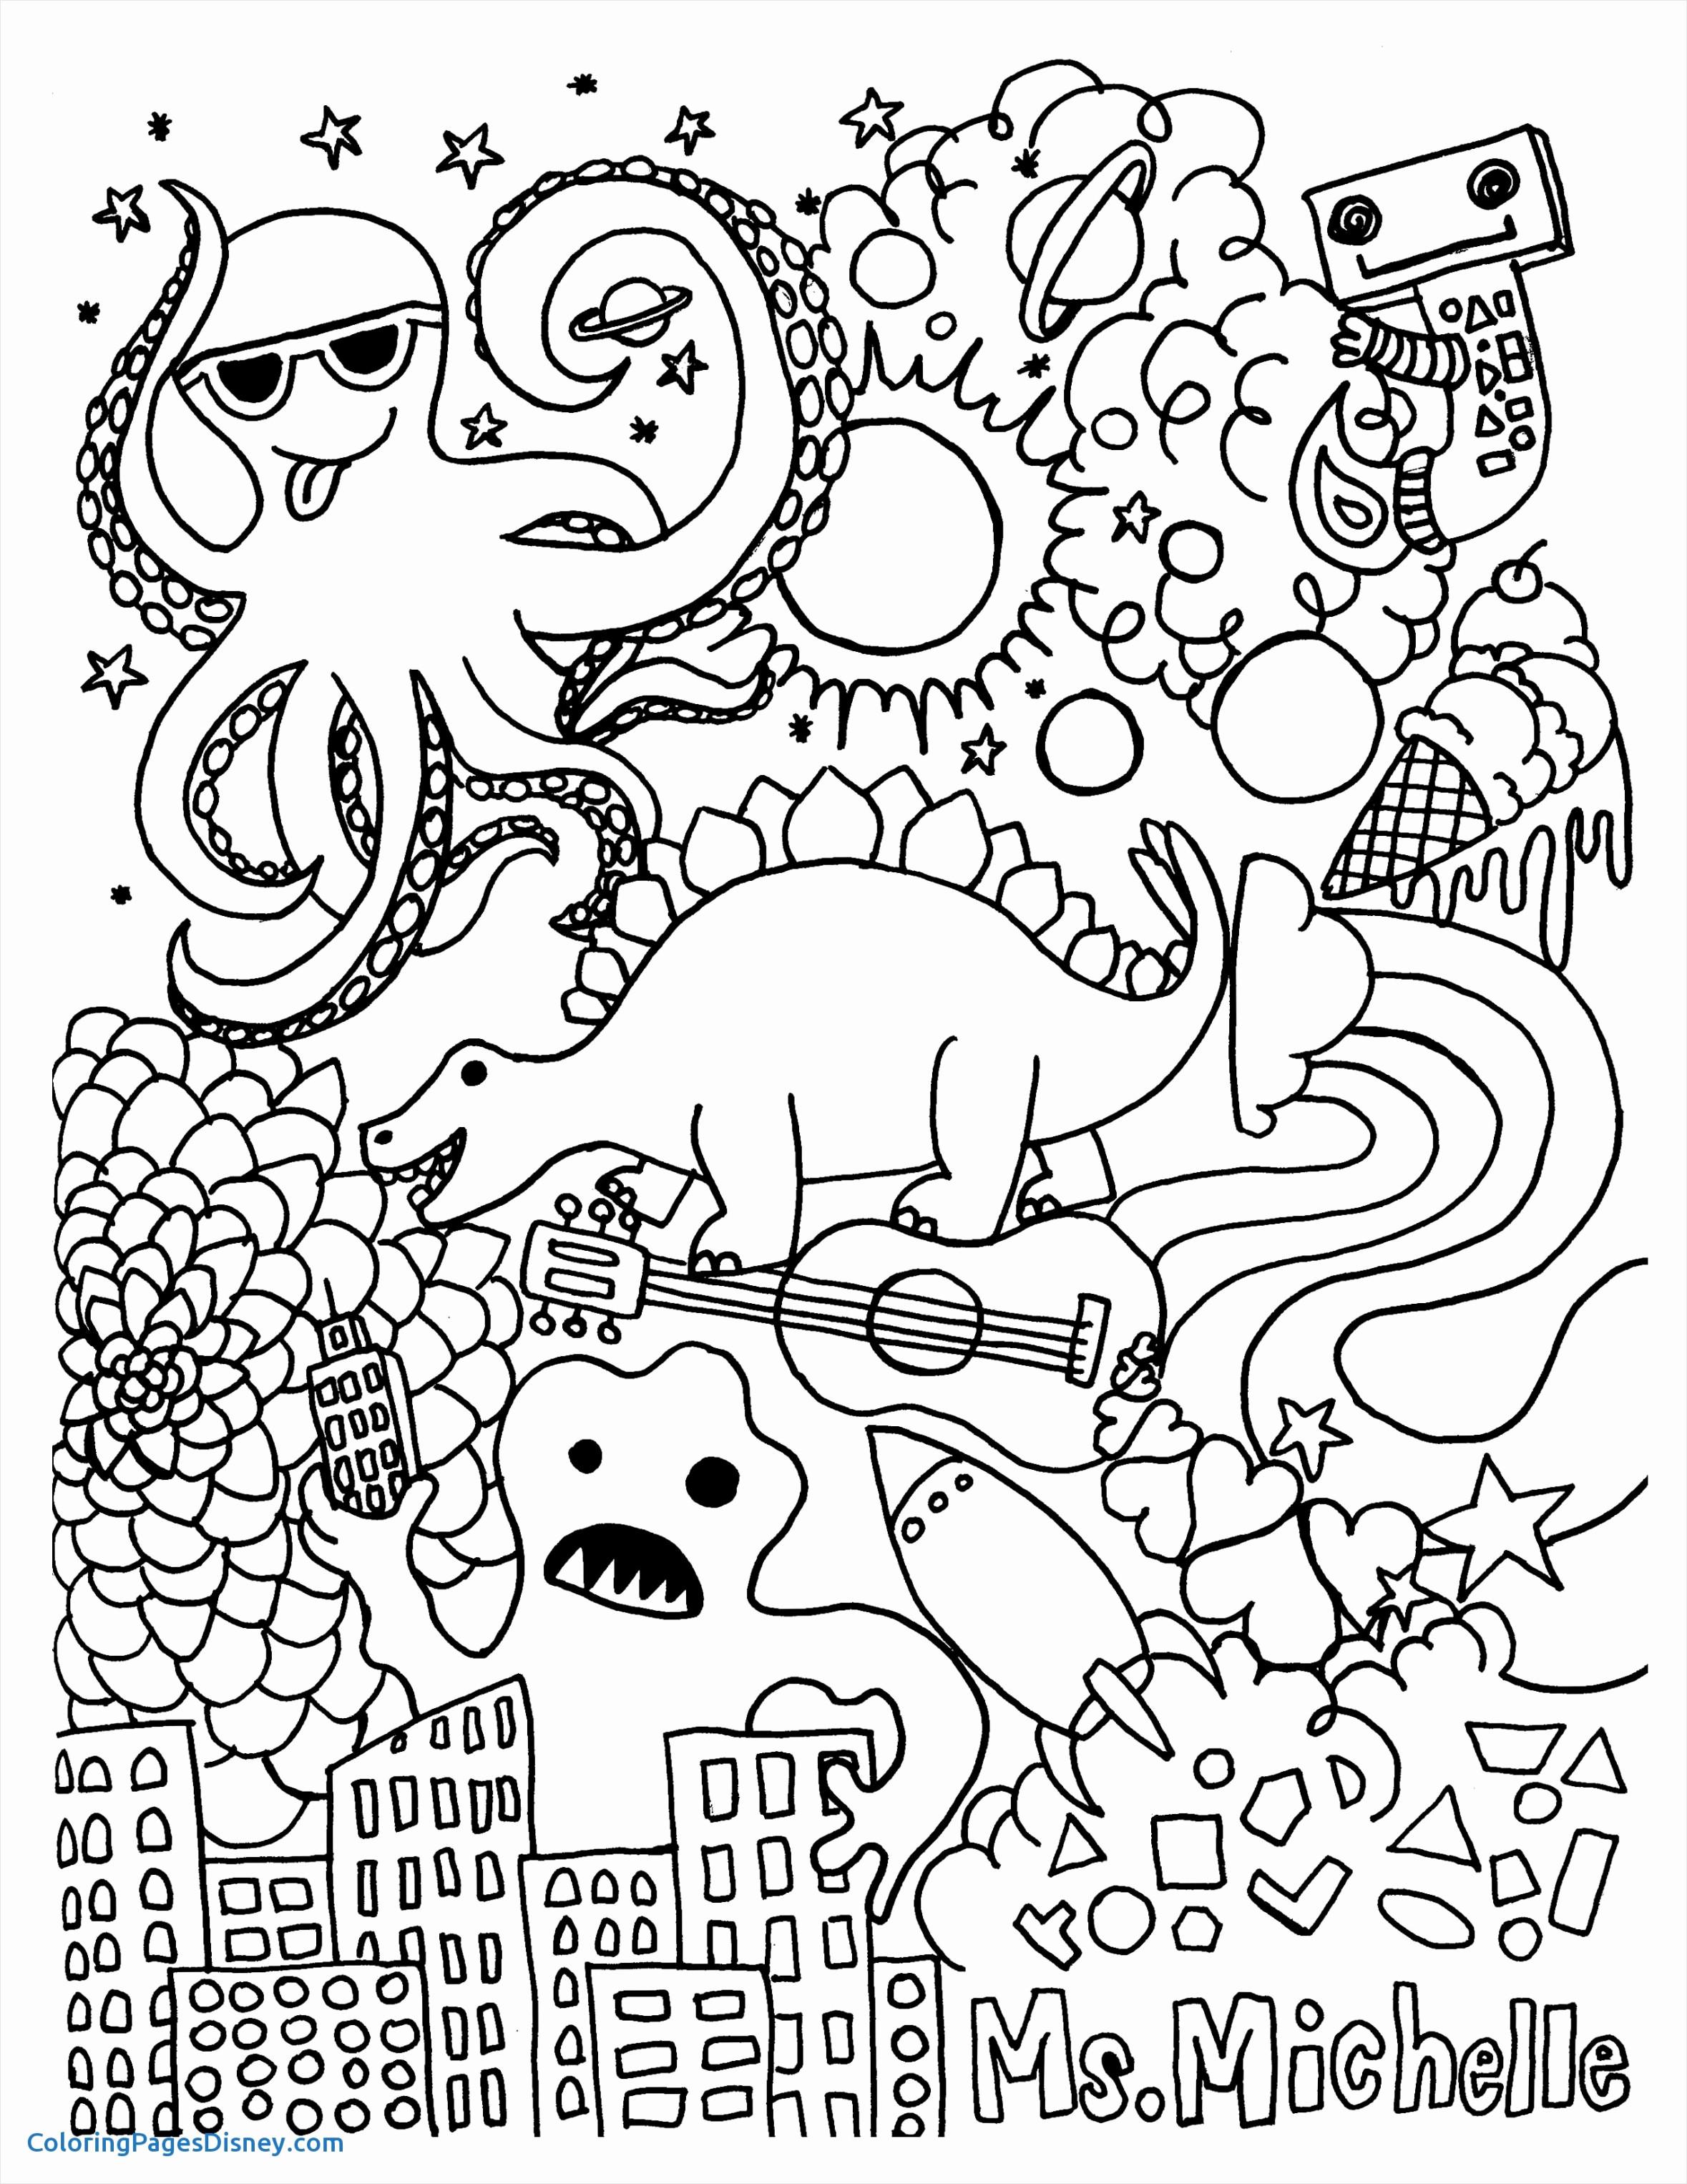 Mia and Me Coloring Pages Einzigartig Malvorlage Mia and Me Inspiration 50 Mia E Me Da Colorare Pics Das Bild